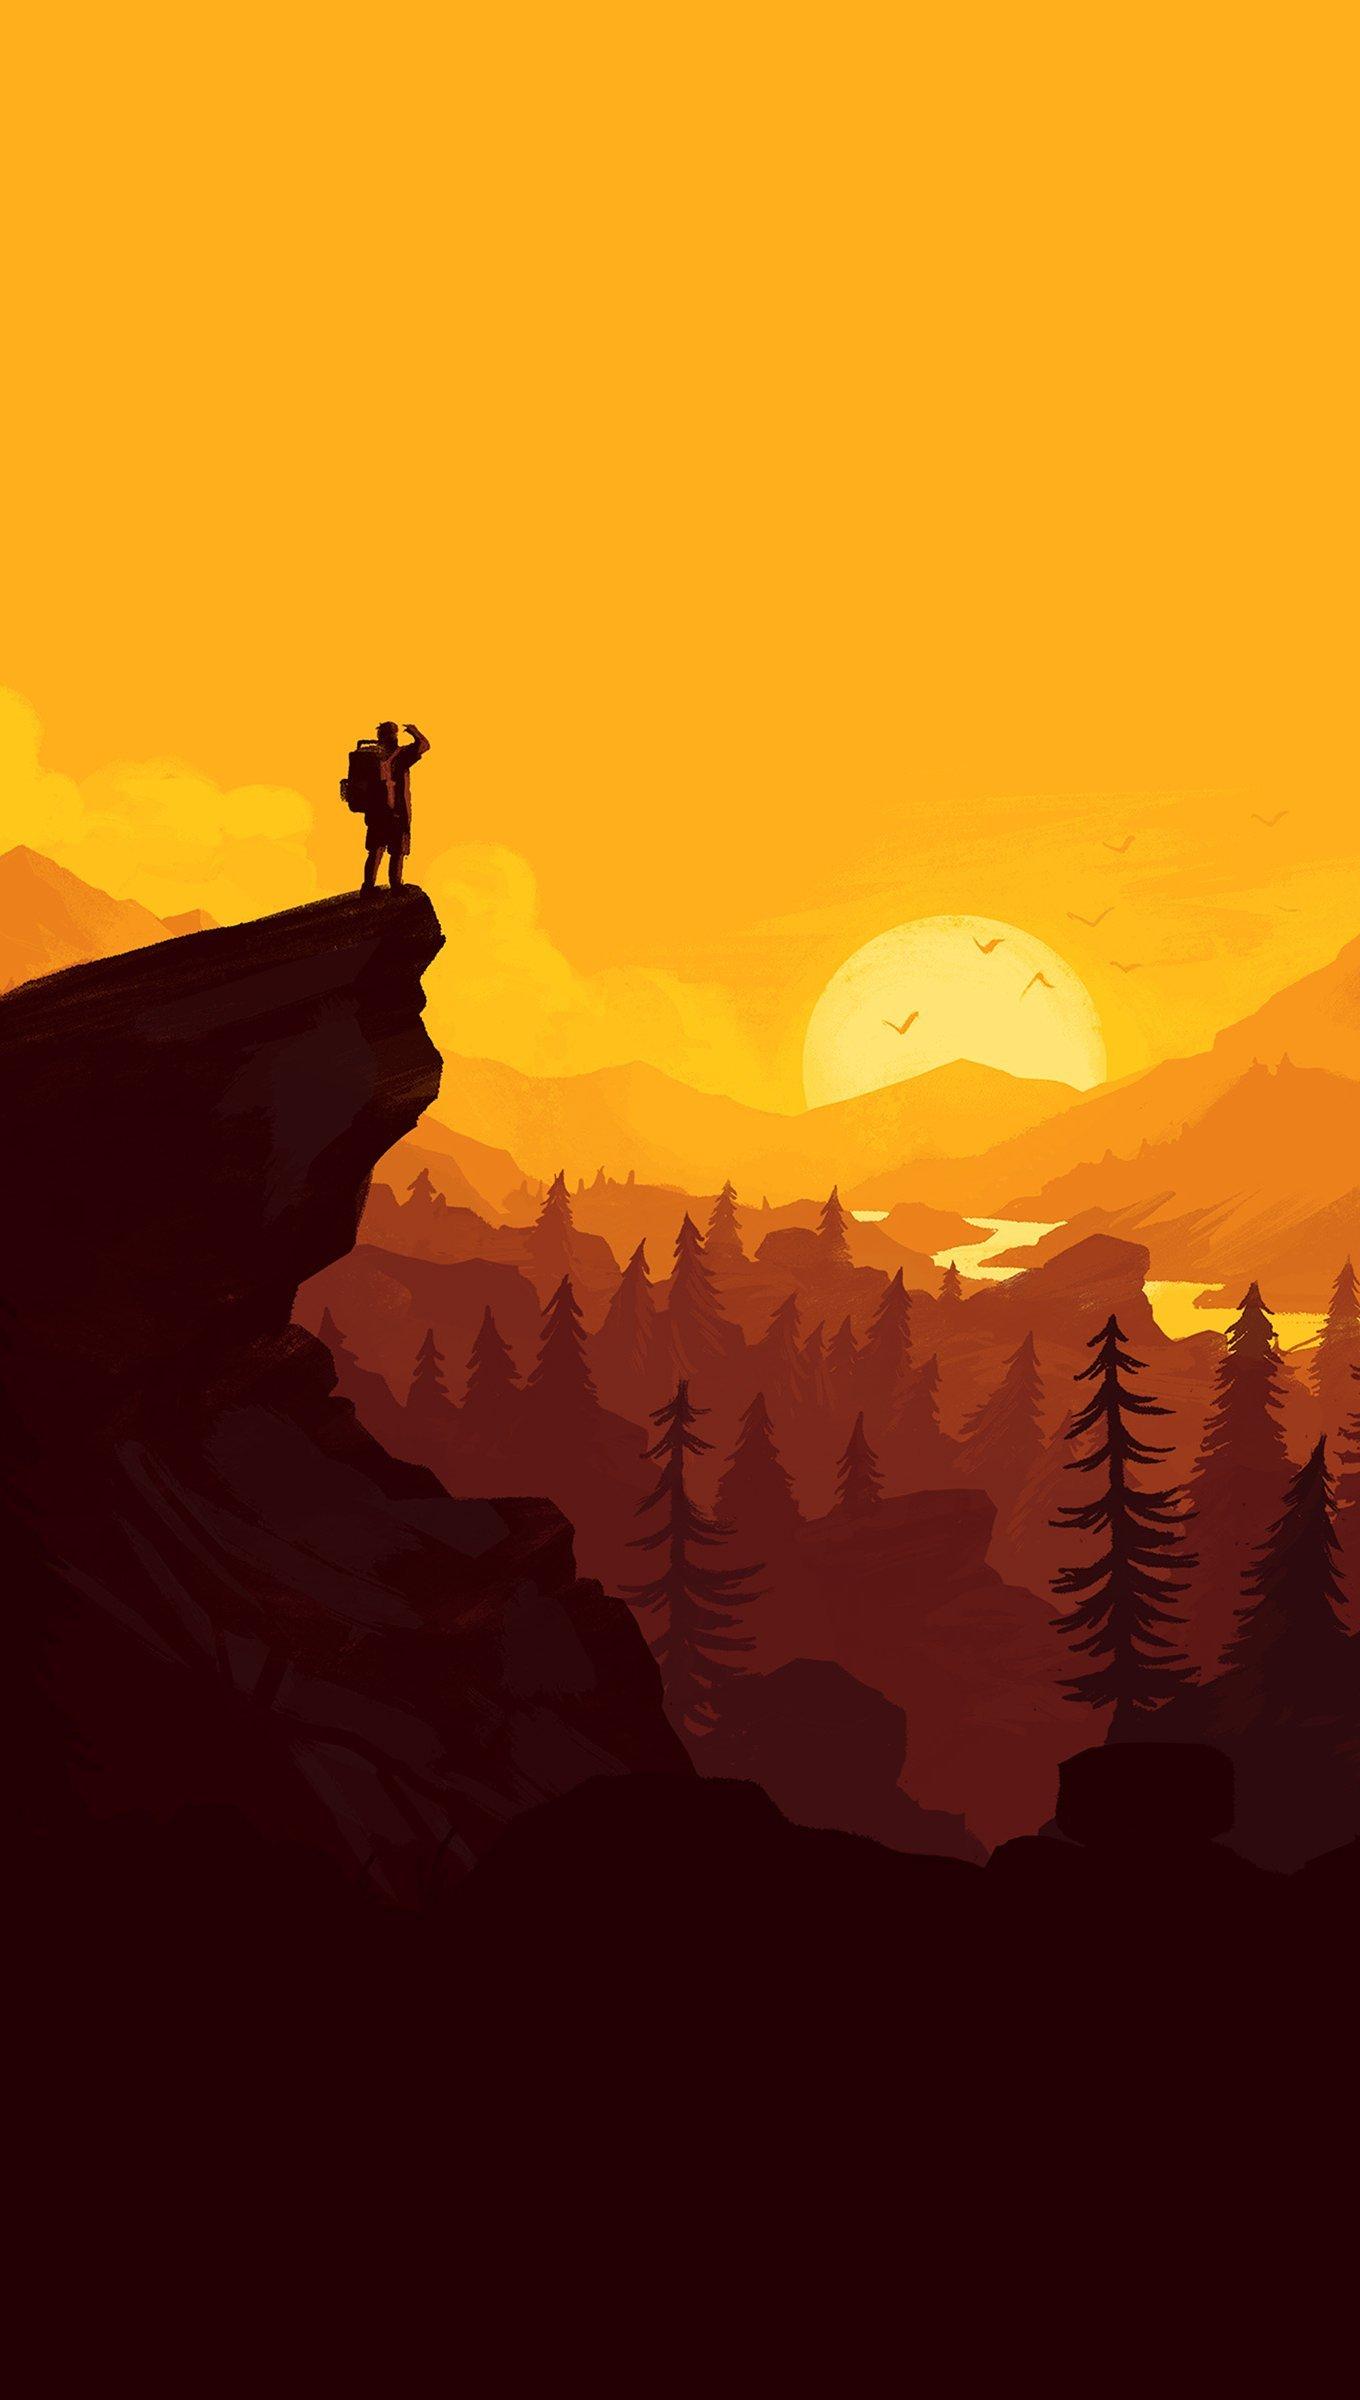 Fondos de pantalla Ilustración Atardecer en el bosque Vertical